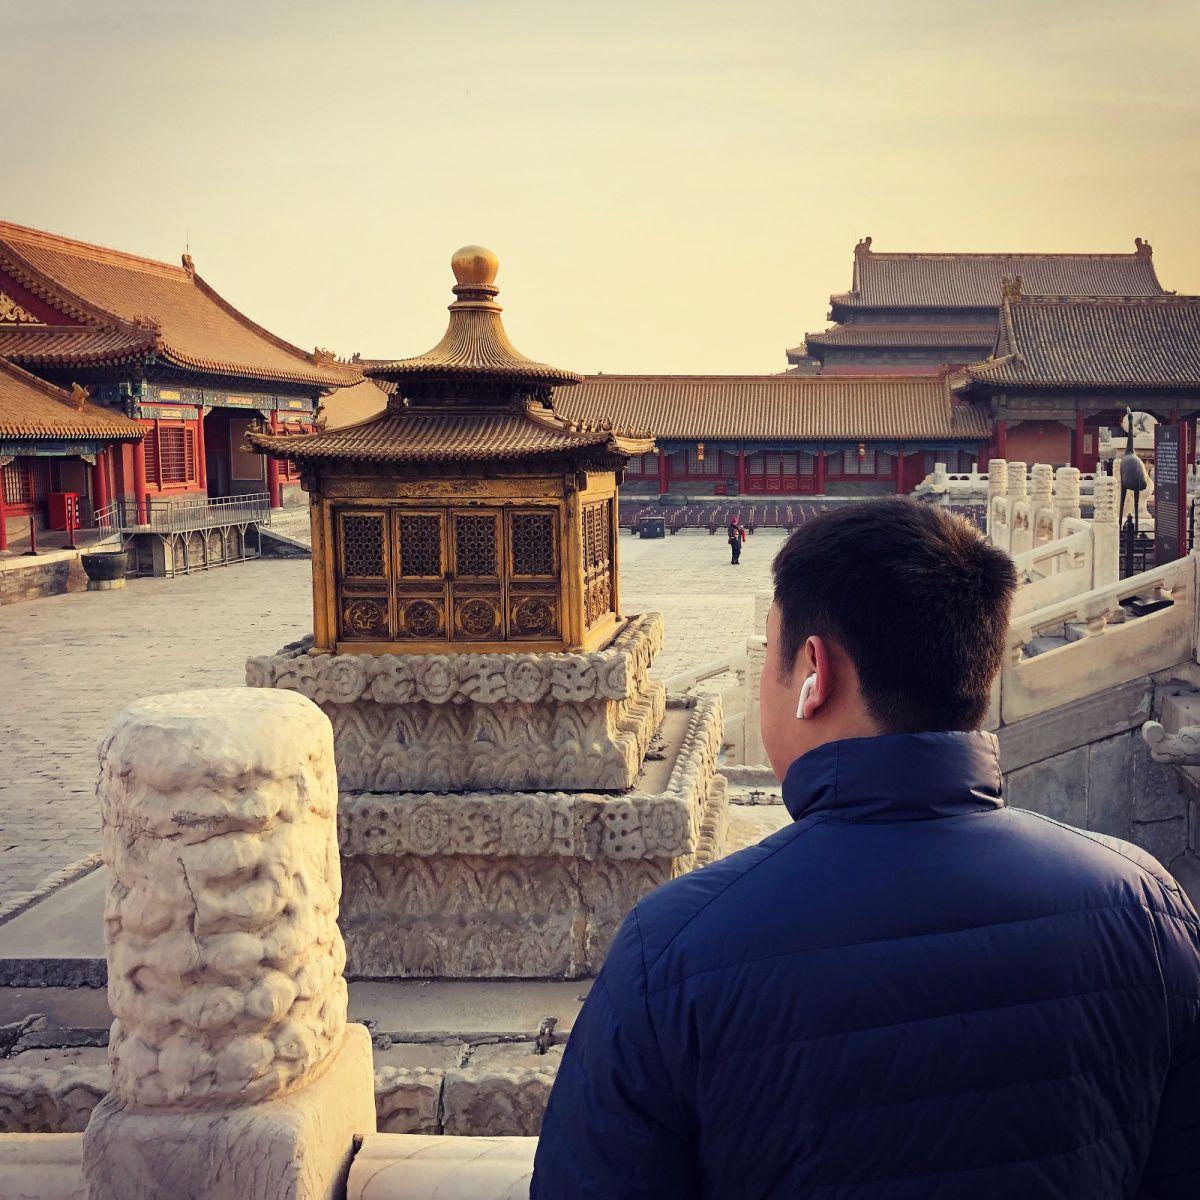 【中间偏左】北京_图1-14